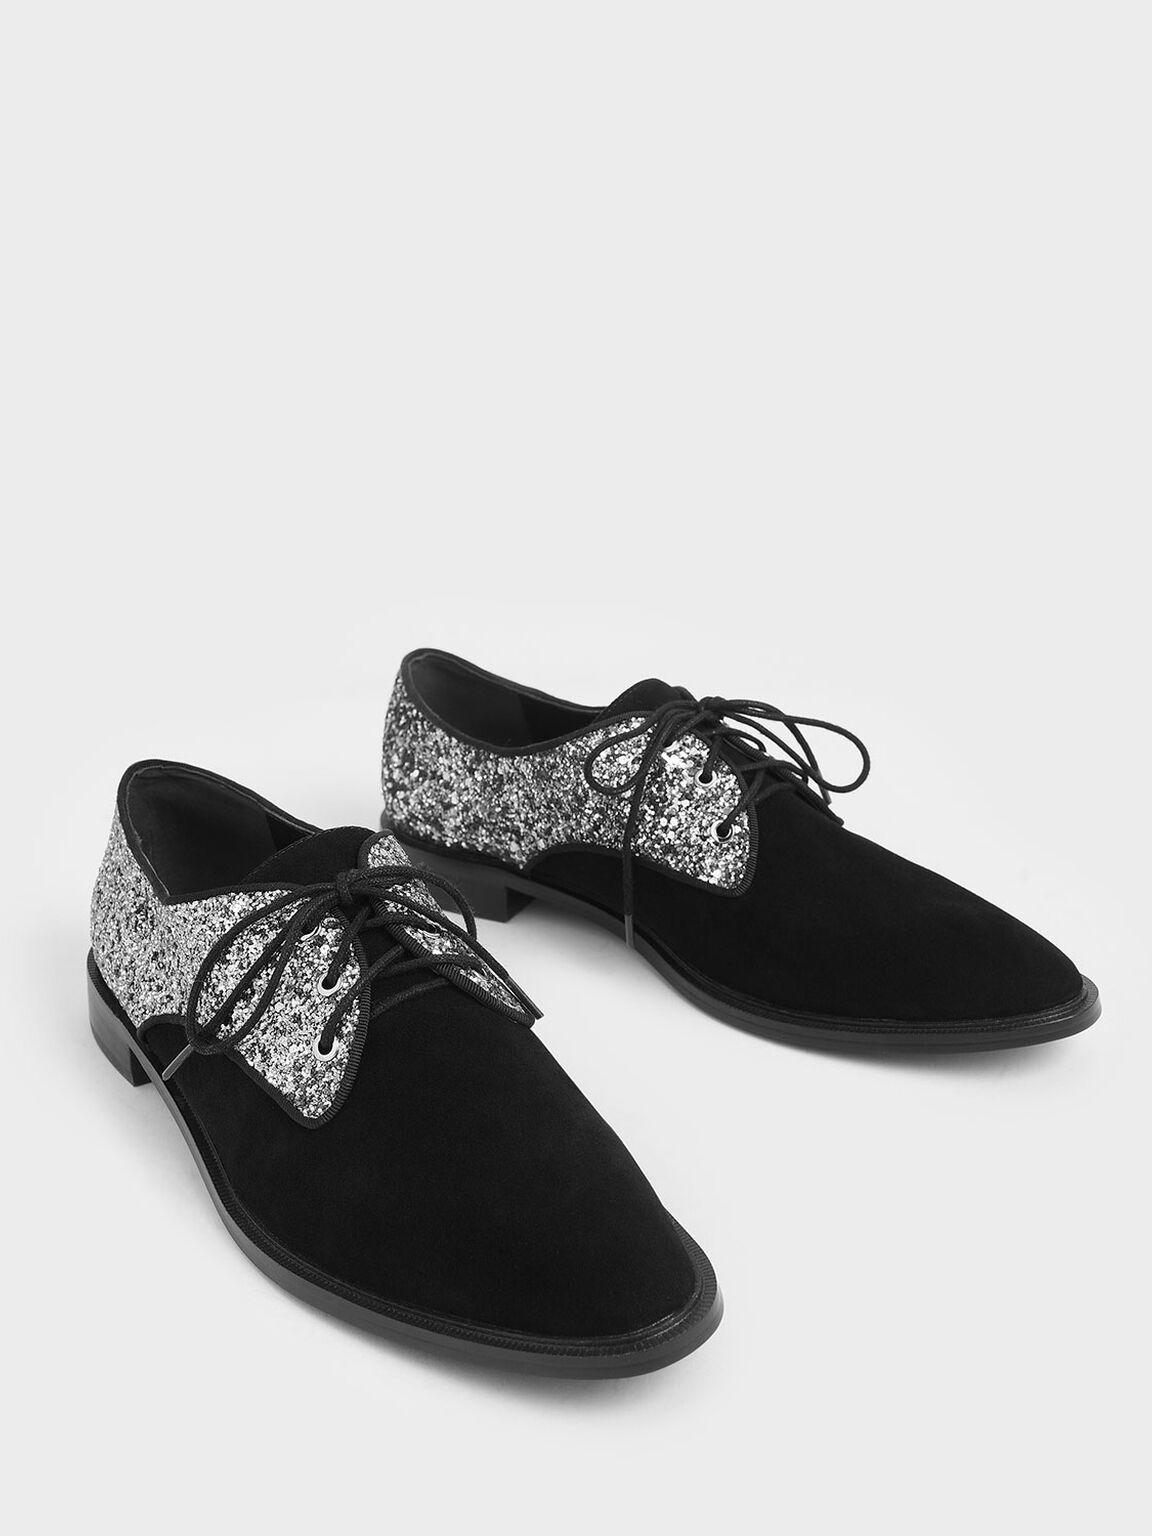 Glitter Derby Shoes (Kid Suede), Black, hi-res